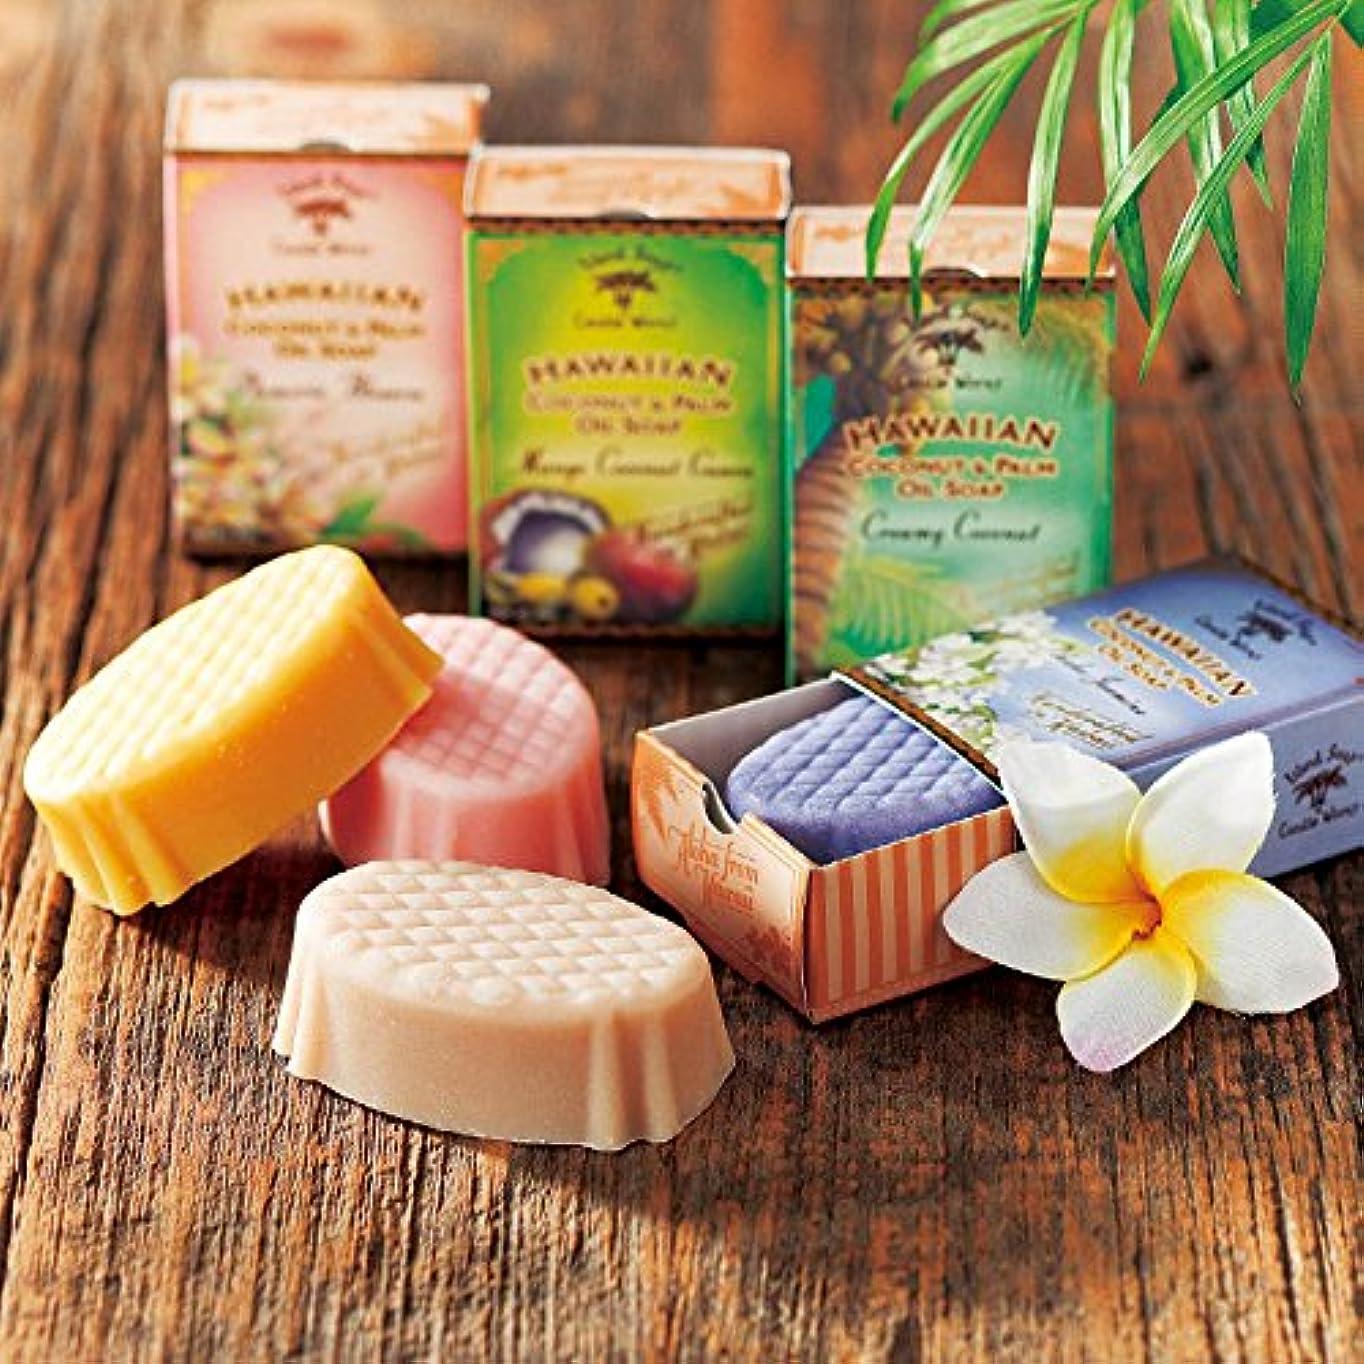 アンカーリンス膿瘍ハワイ 土産 アイランドソープ ココナッツソープ 4種セット (海外旅行 ハワイ お土産)